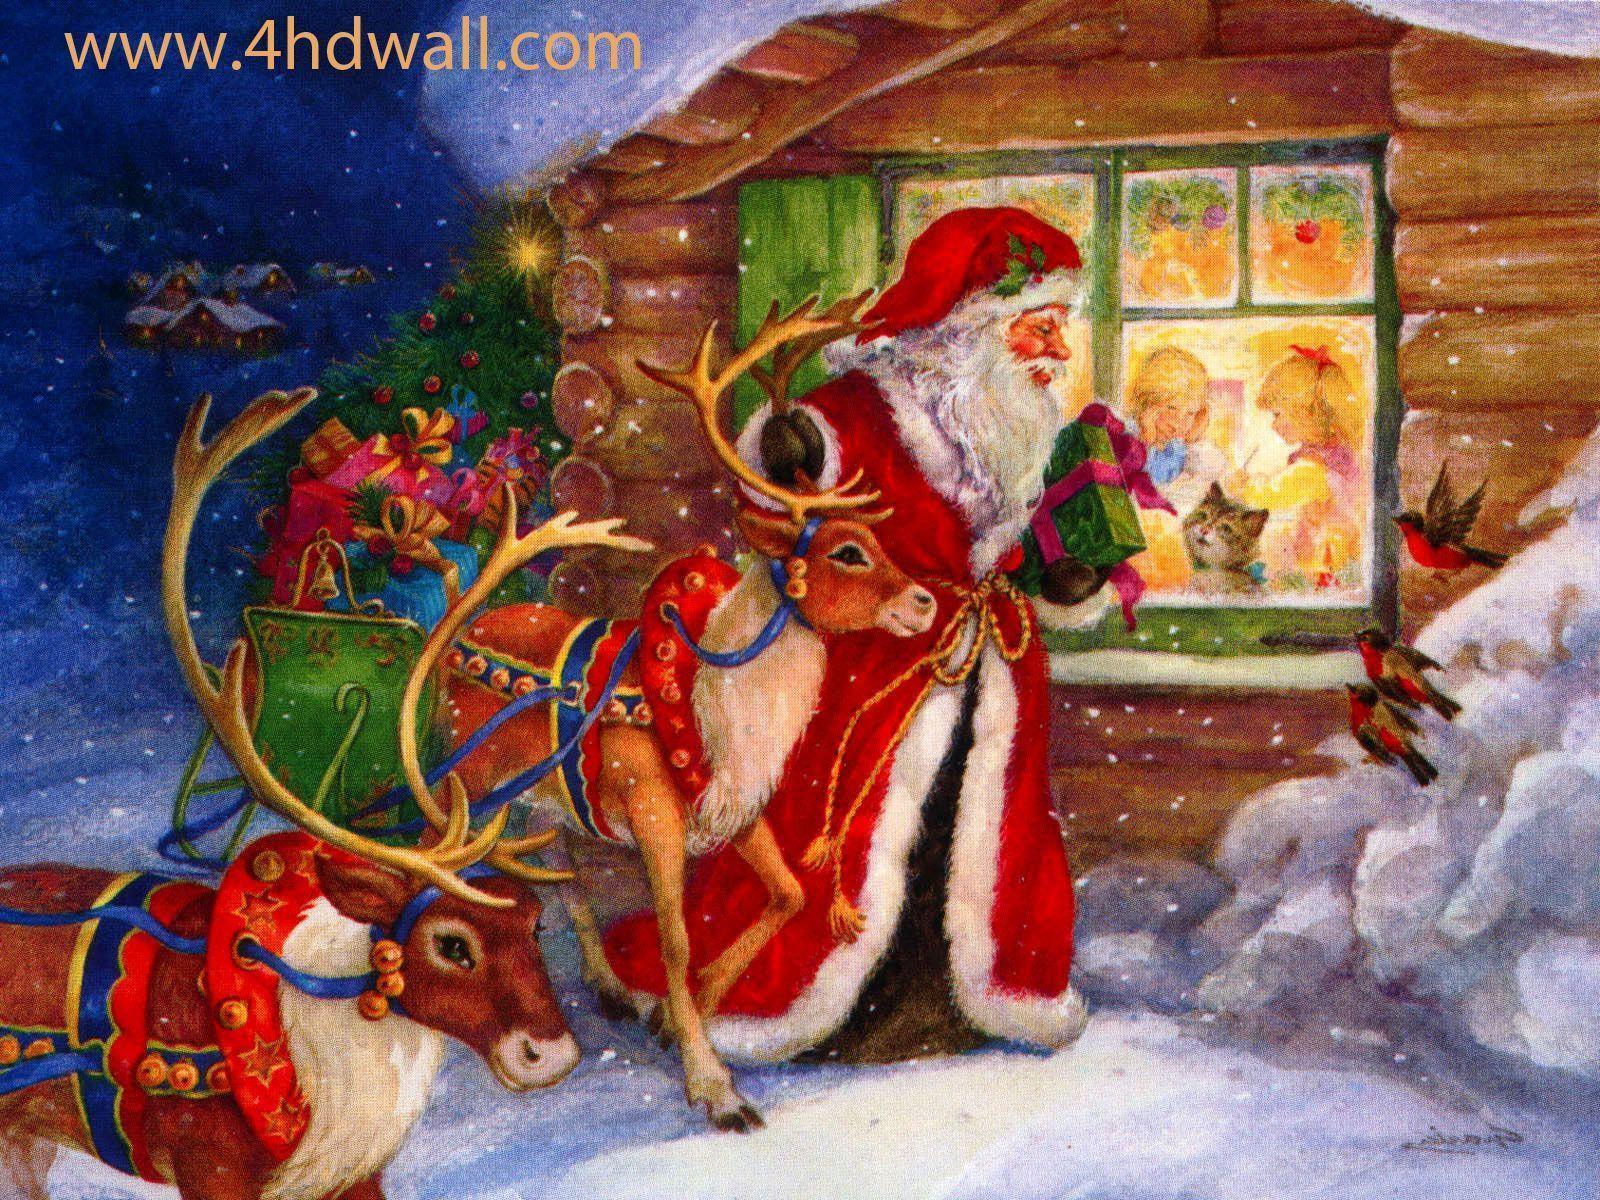 Animated Christmas Wallpaper For Ipad: Free Funny Christmas Wallpapers